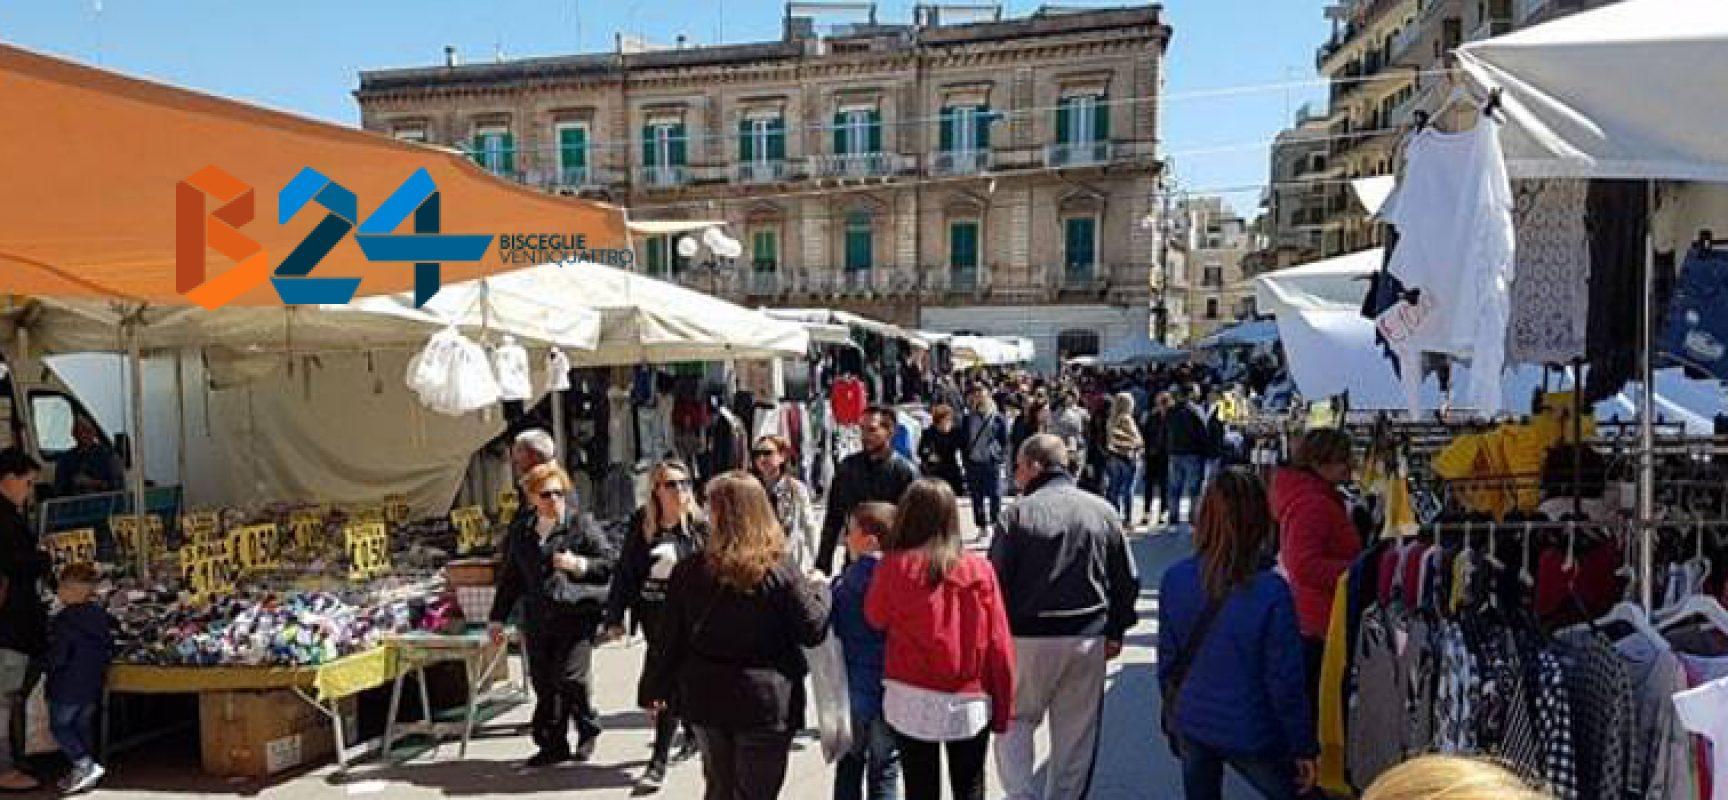 Mercato straordinario in piazza Vittorio Emanuele II / Mercatincittà comunica la DATA